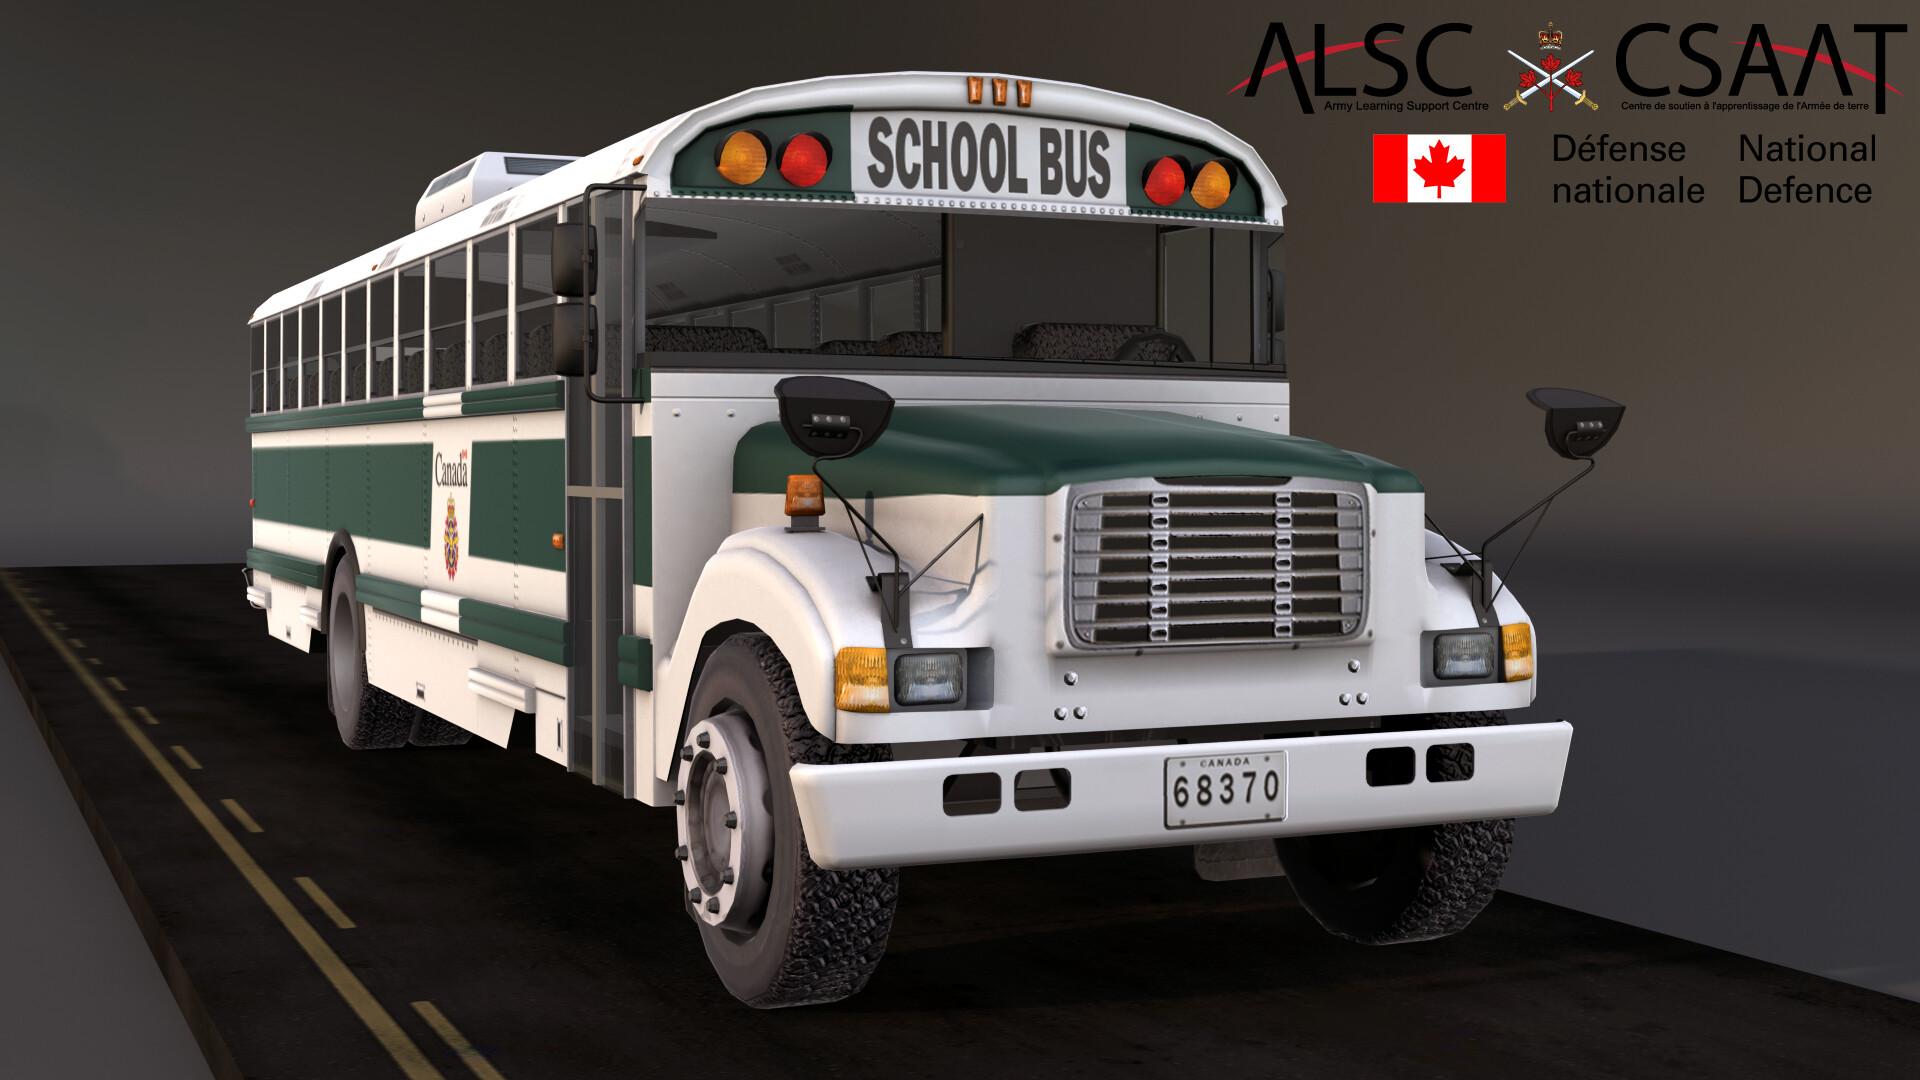 Jordan cameron schoolbus alsc 3